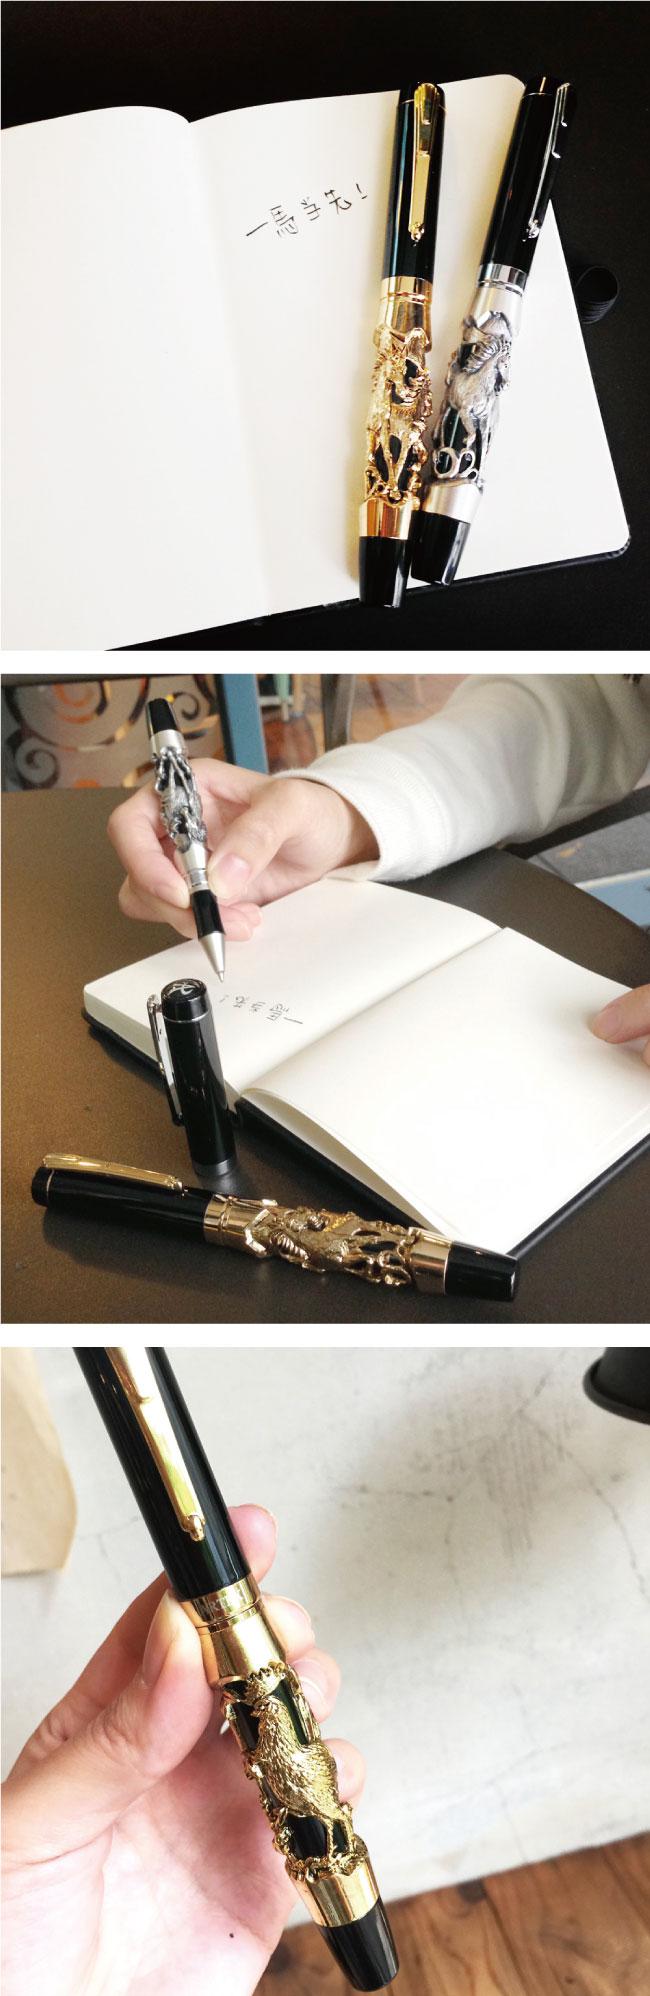 (複製)ARTEX  生肖鋼筆墨水超值禮盒-亮金